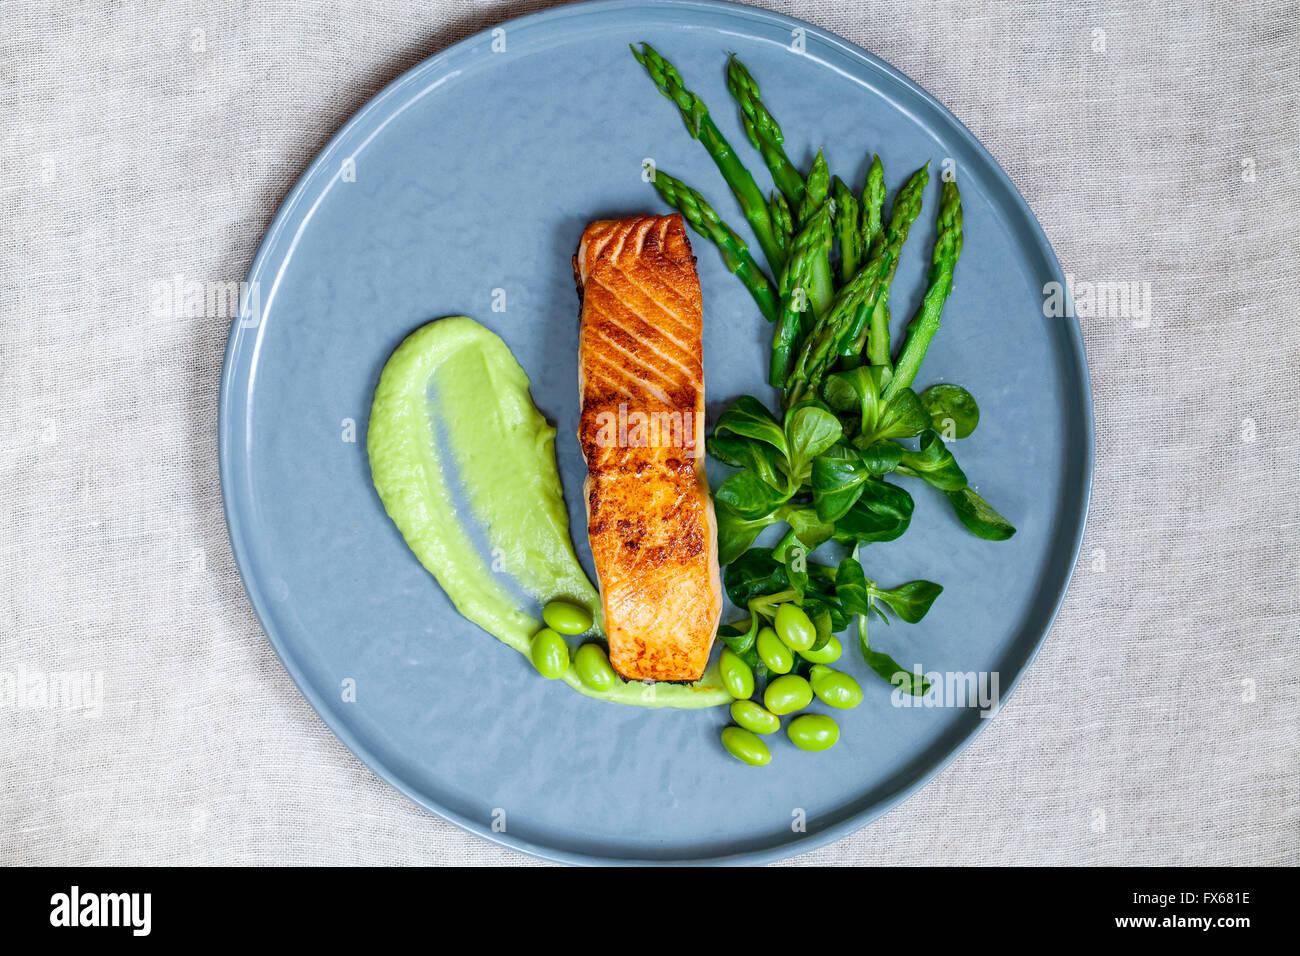 Le saumon, agneau de la laitue, des asperges et des haricots de soja Photo Stock